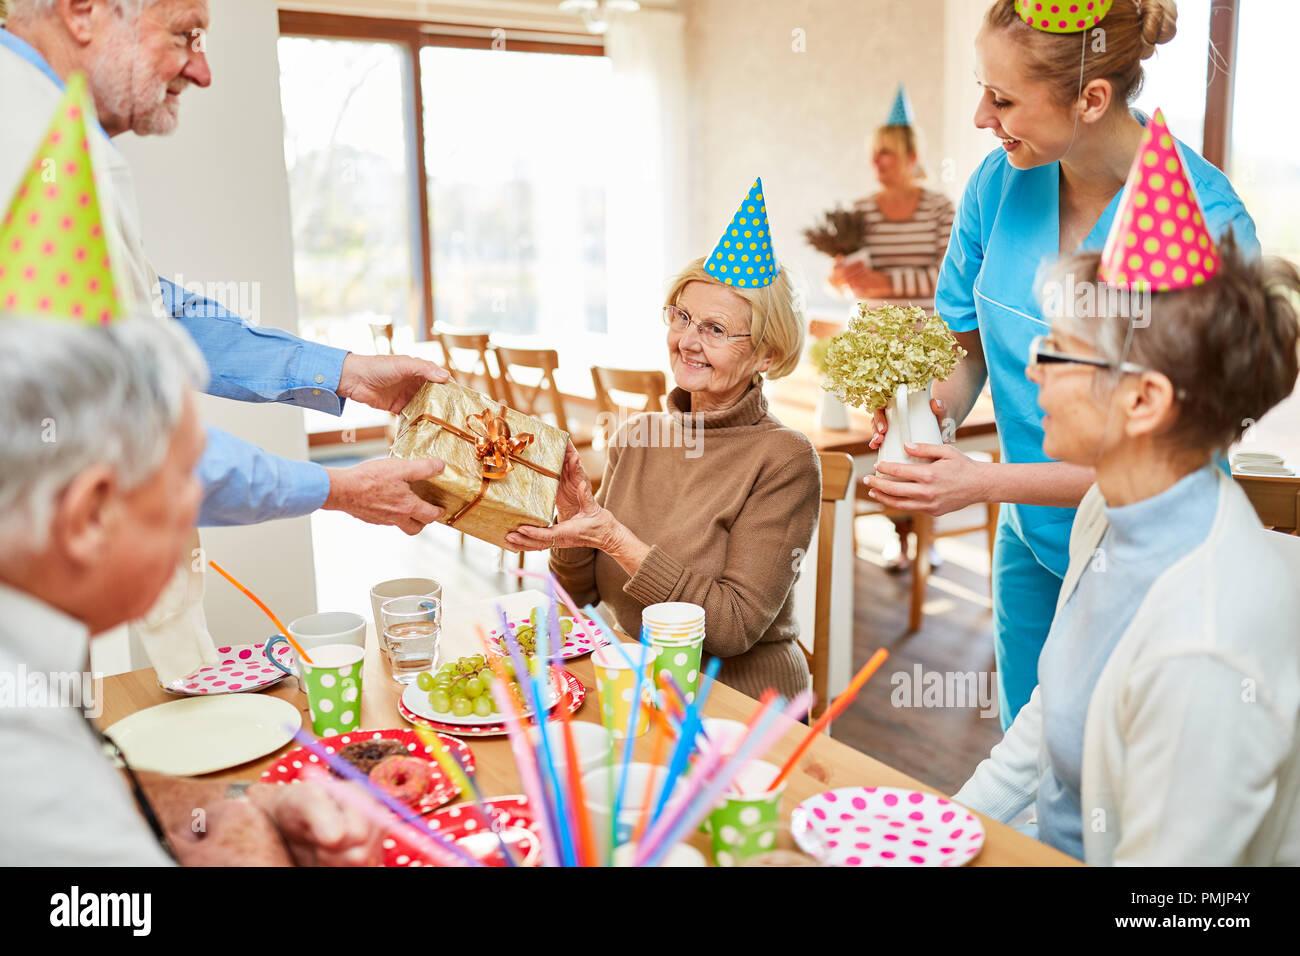 Hauts femme reçoit un cadeau présenté lors de son anniversaire à la maison de retraite Photo Stock